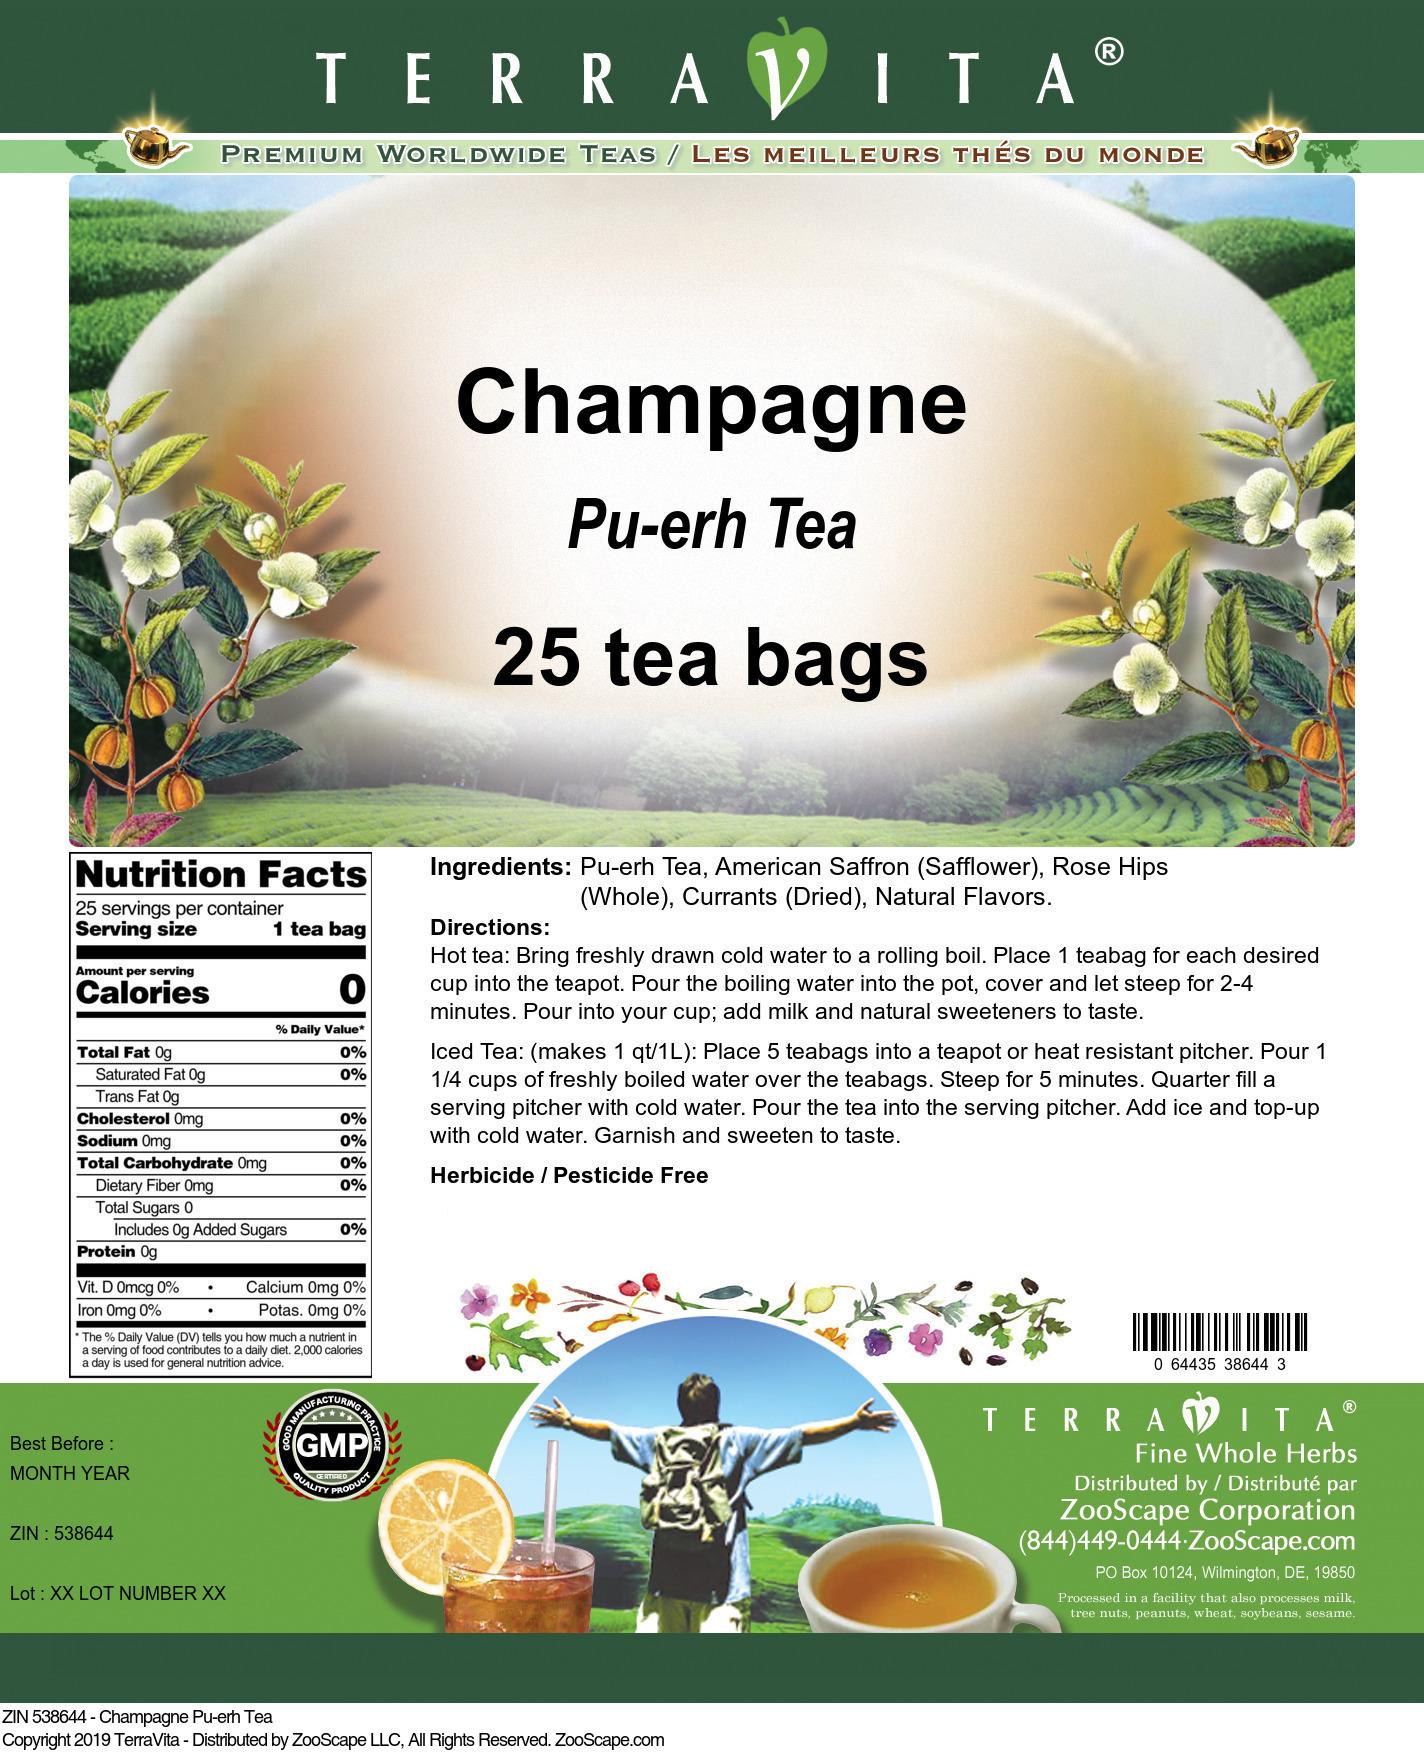 Champagne Pu-erh Tea